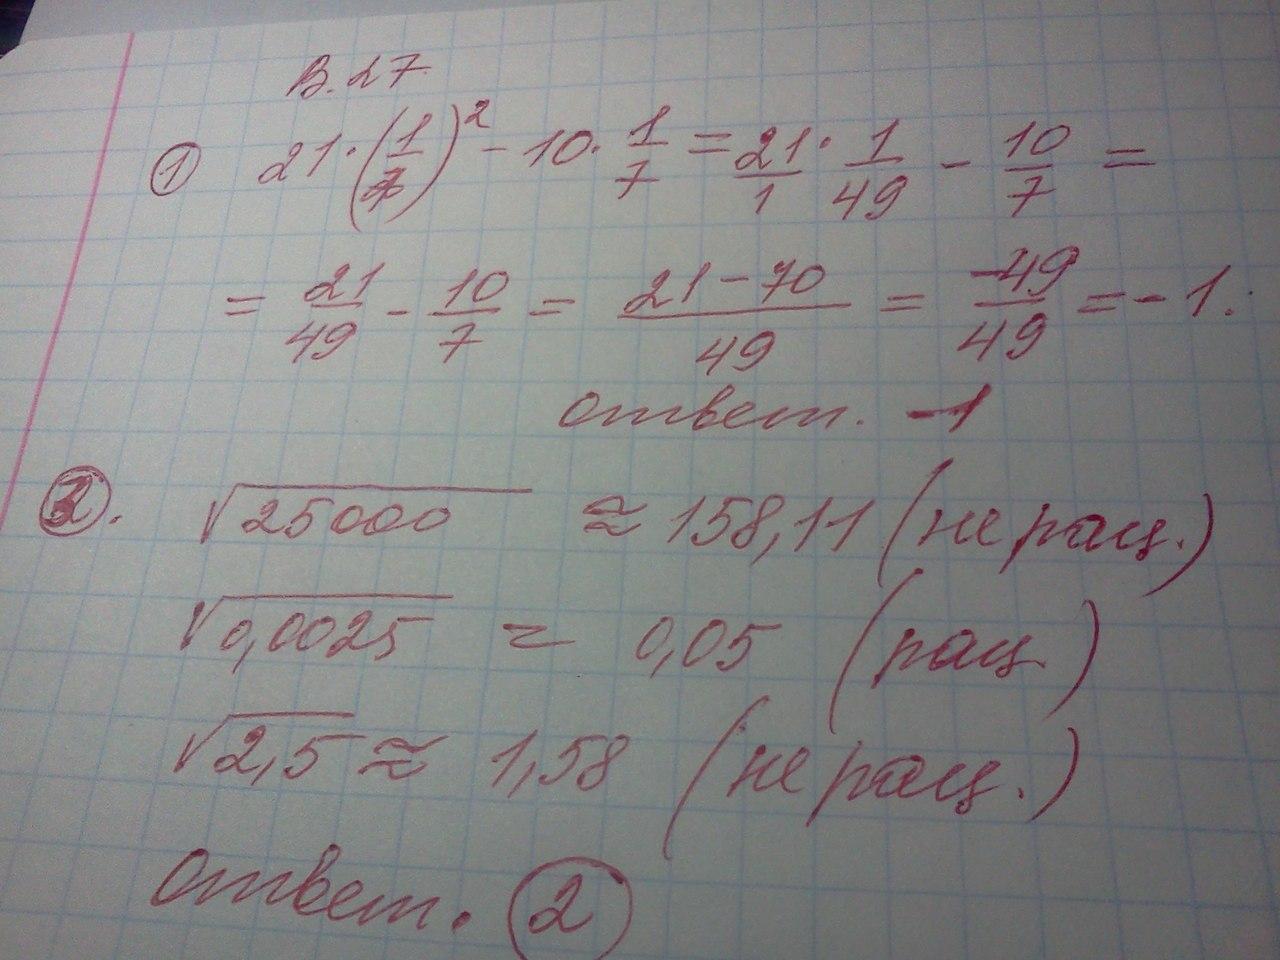 Онлайн решение заданий по математике огэ 2015